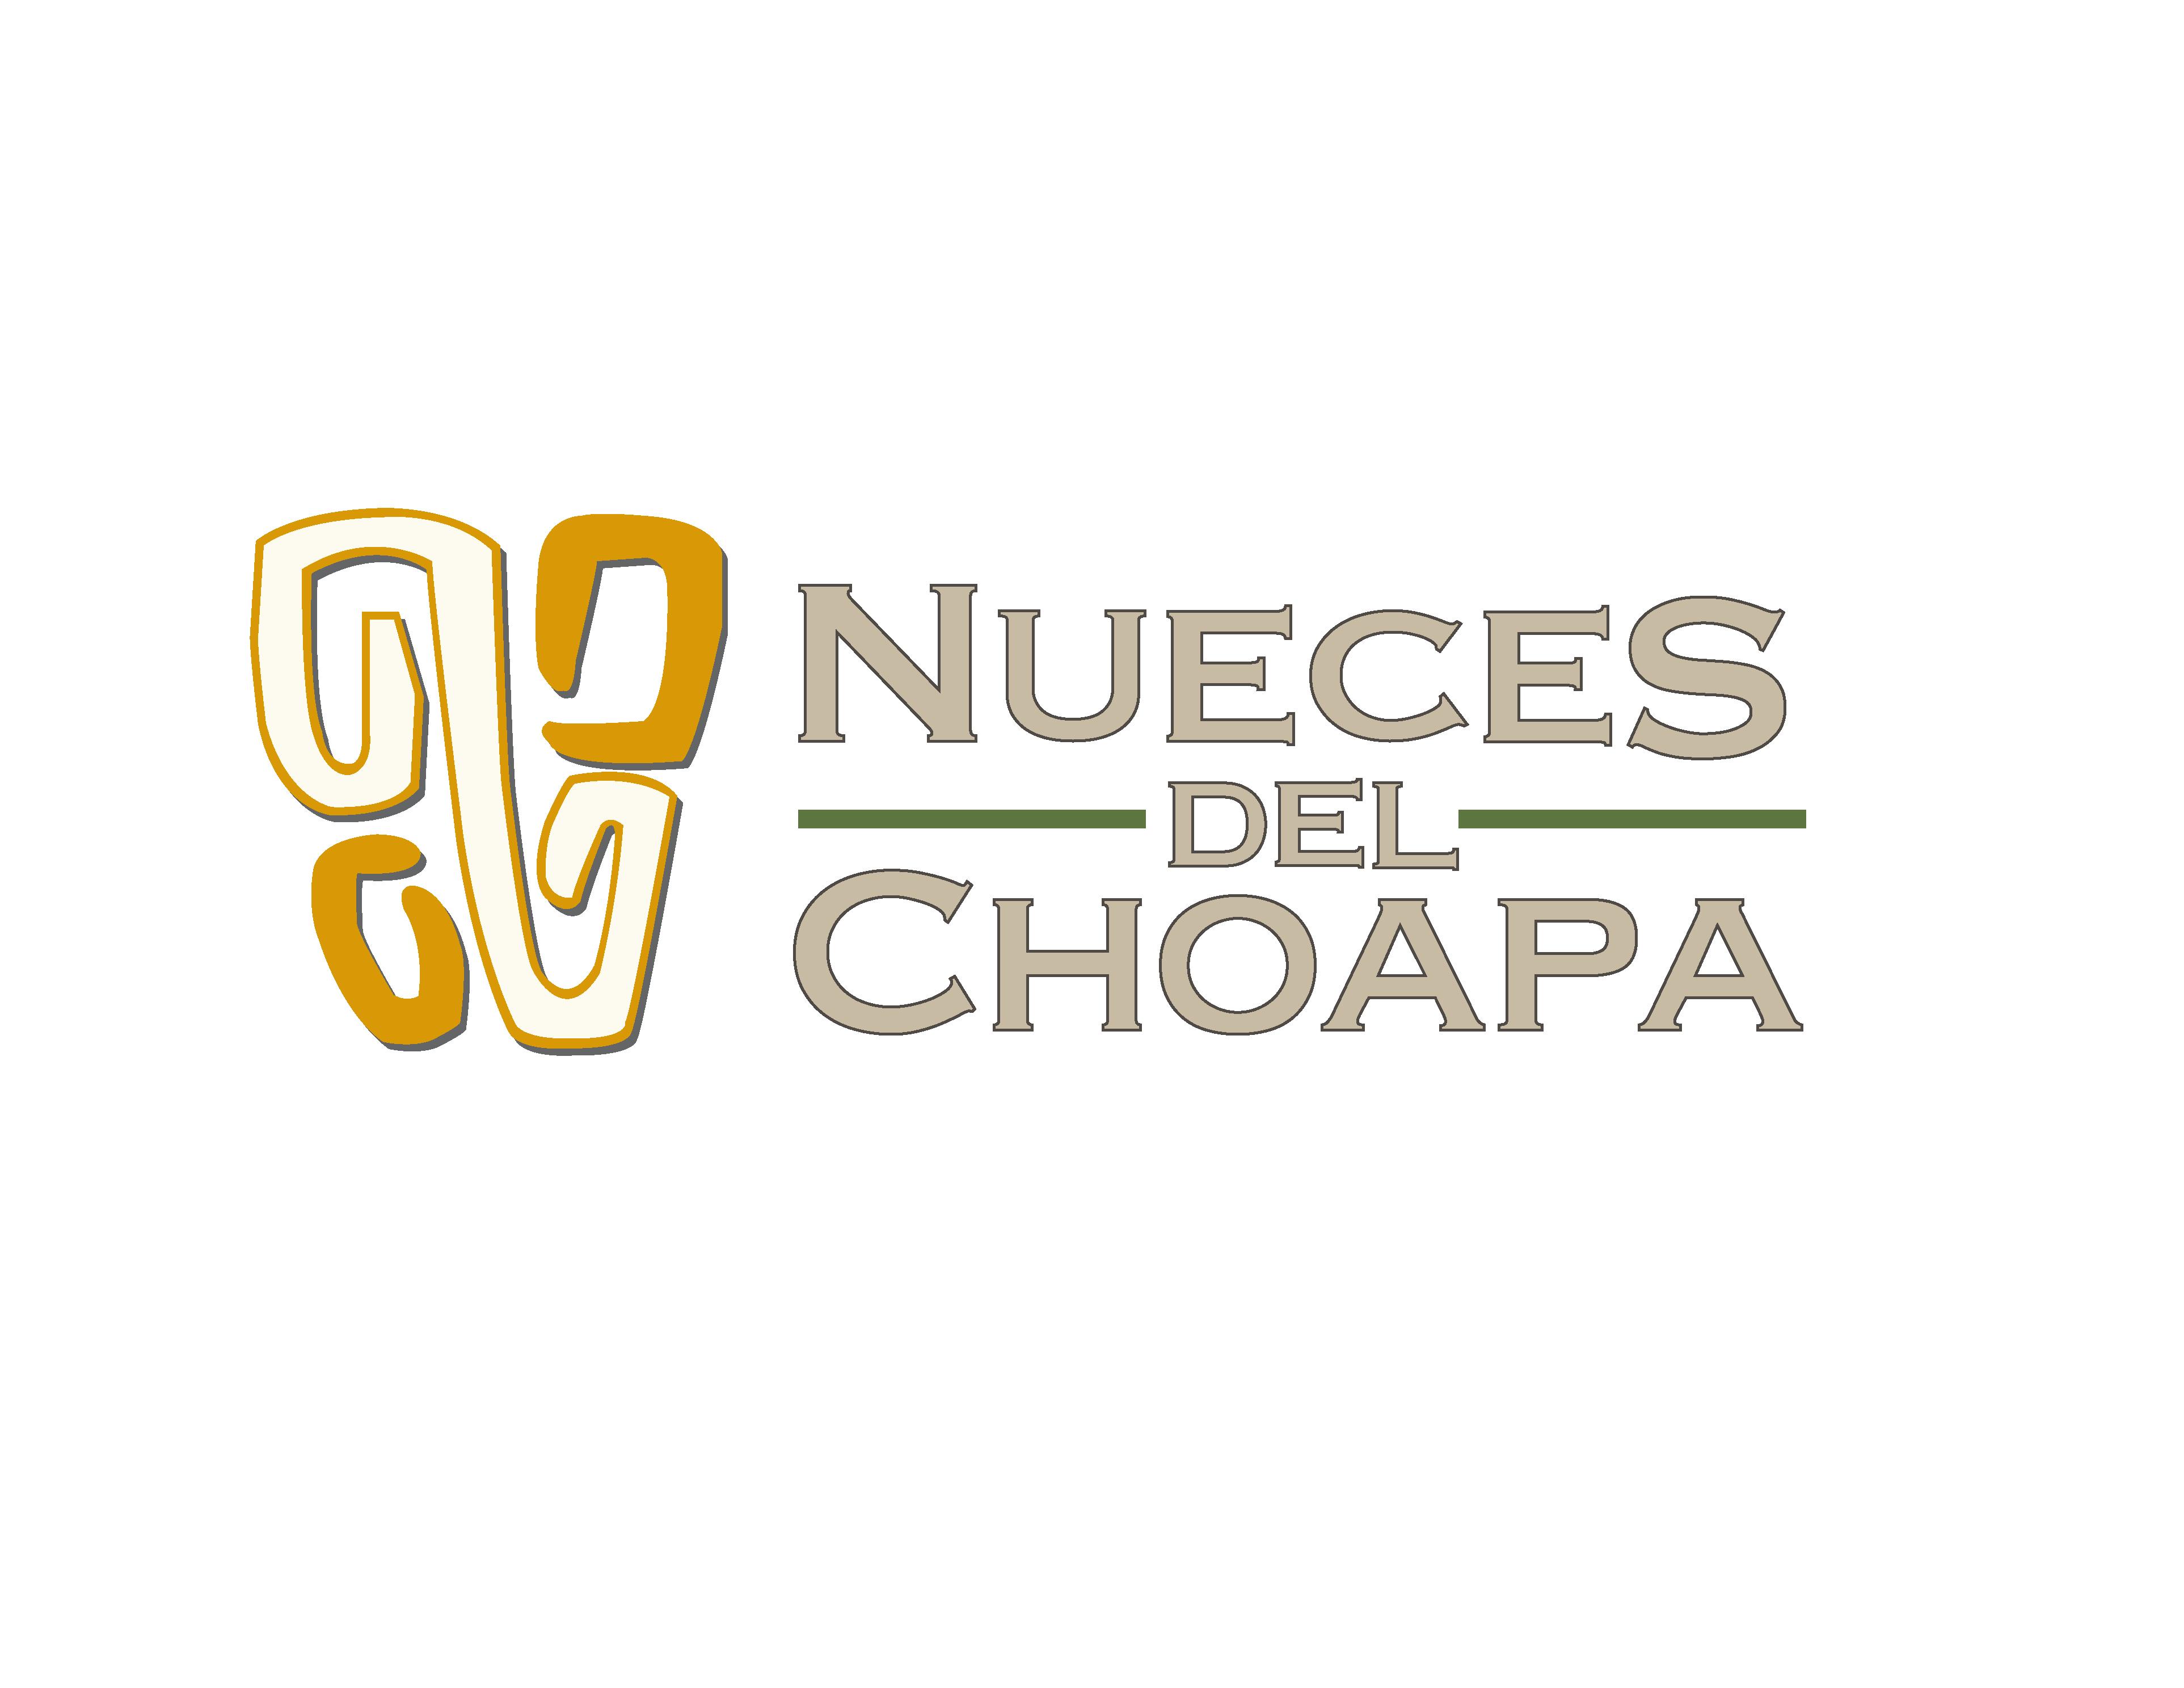 Empresas Desafio10x: Sociedad Comercial Nueces del Choapa Ltda